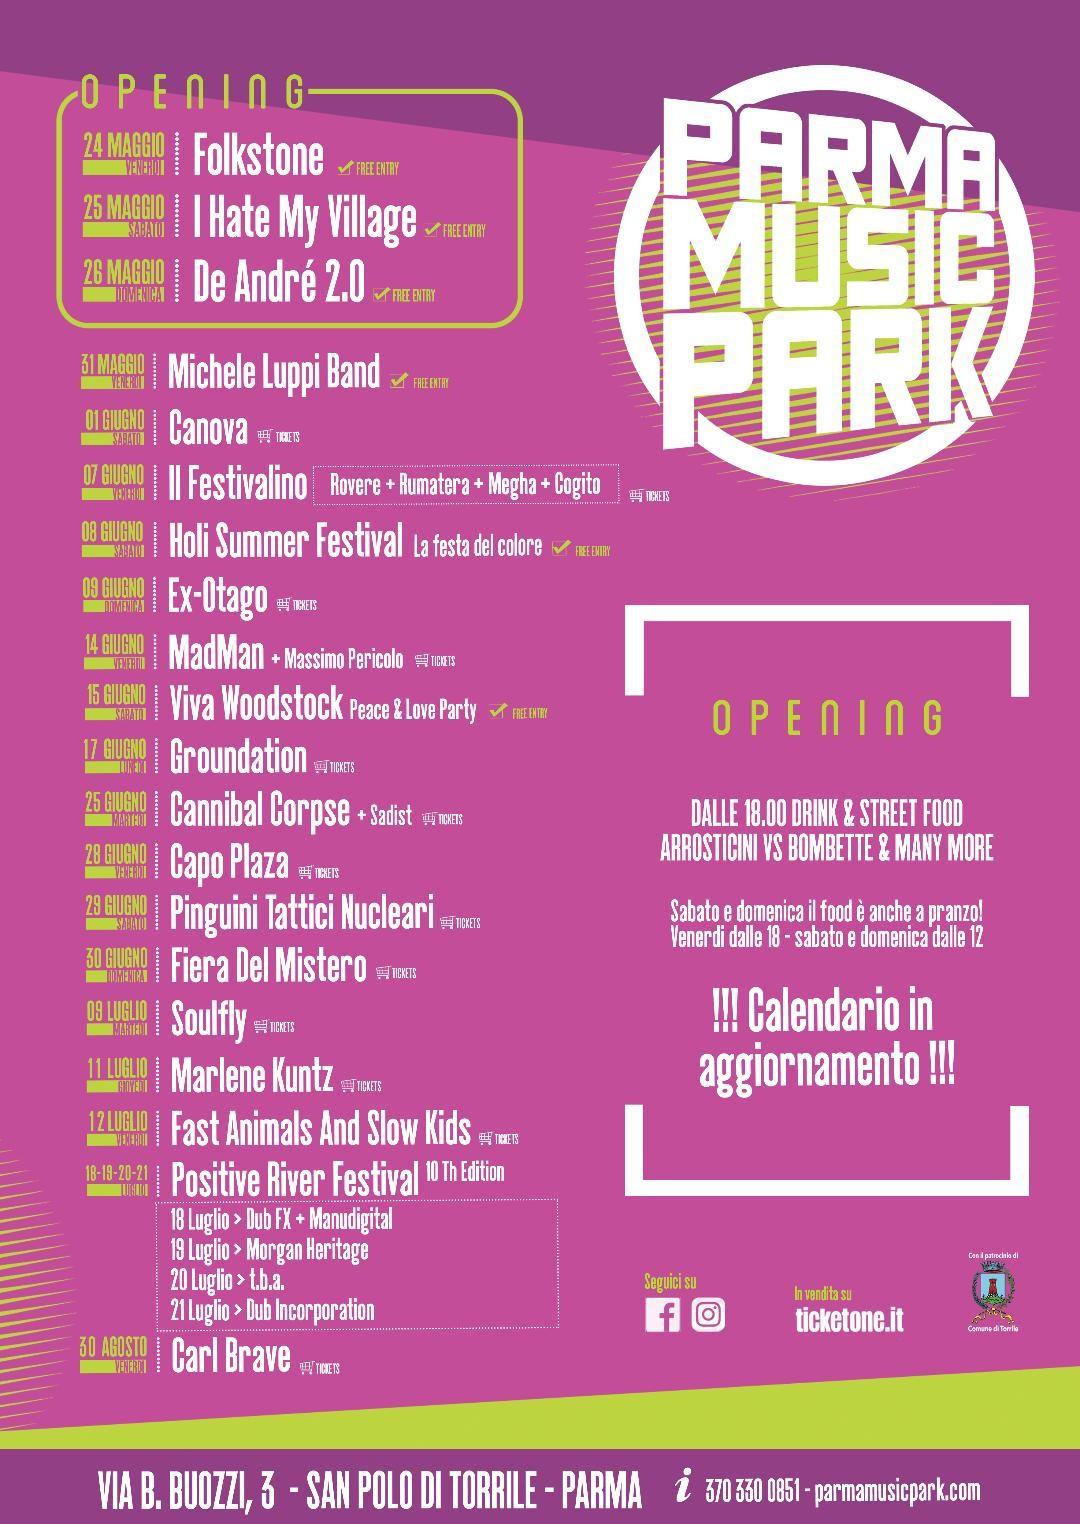 Parma music park